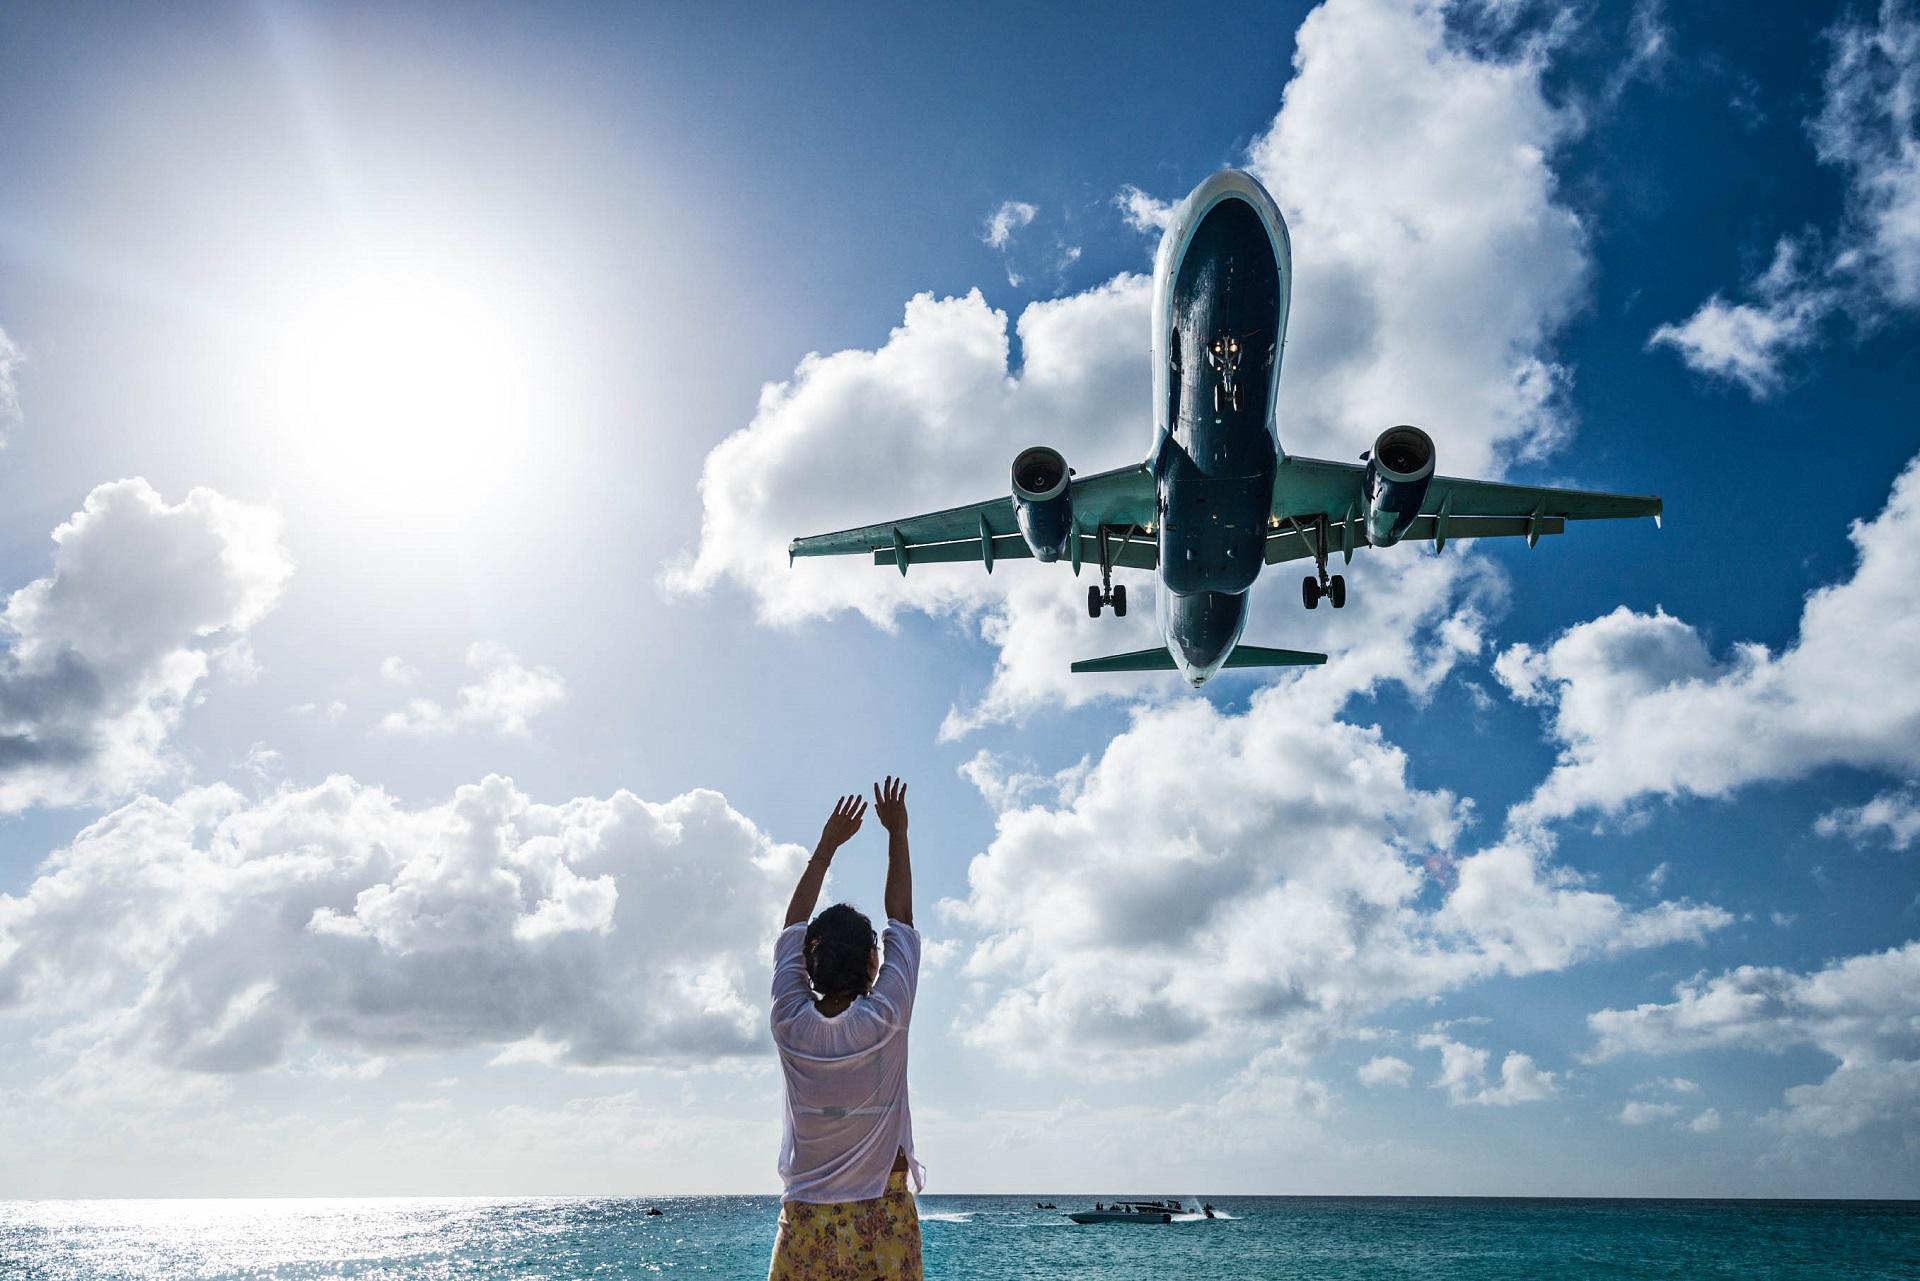 Französische Karibikinseln Landeanflug, Flugzeug